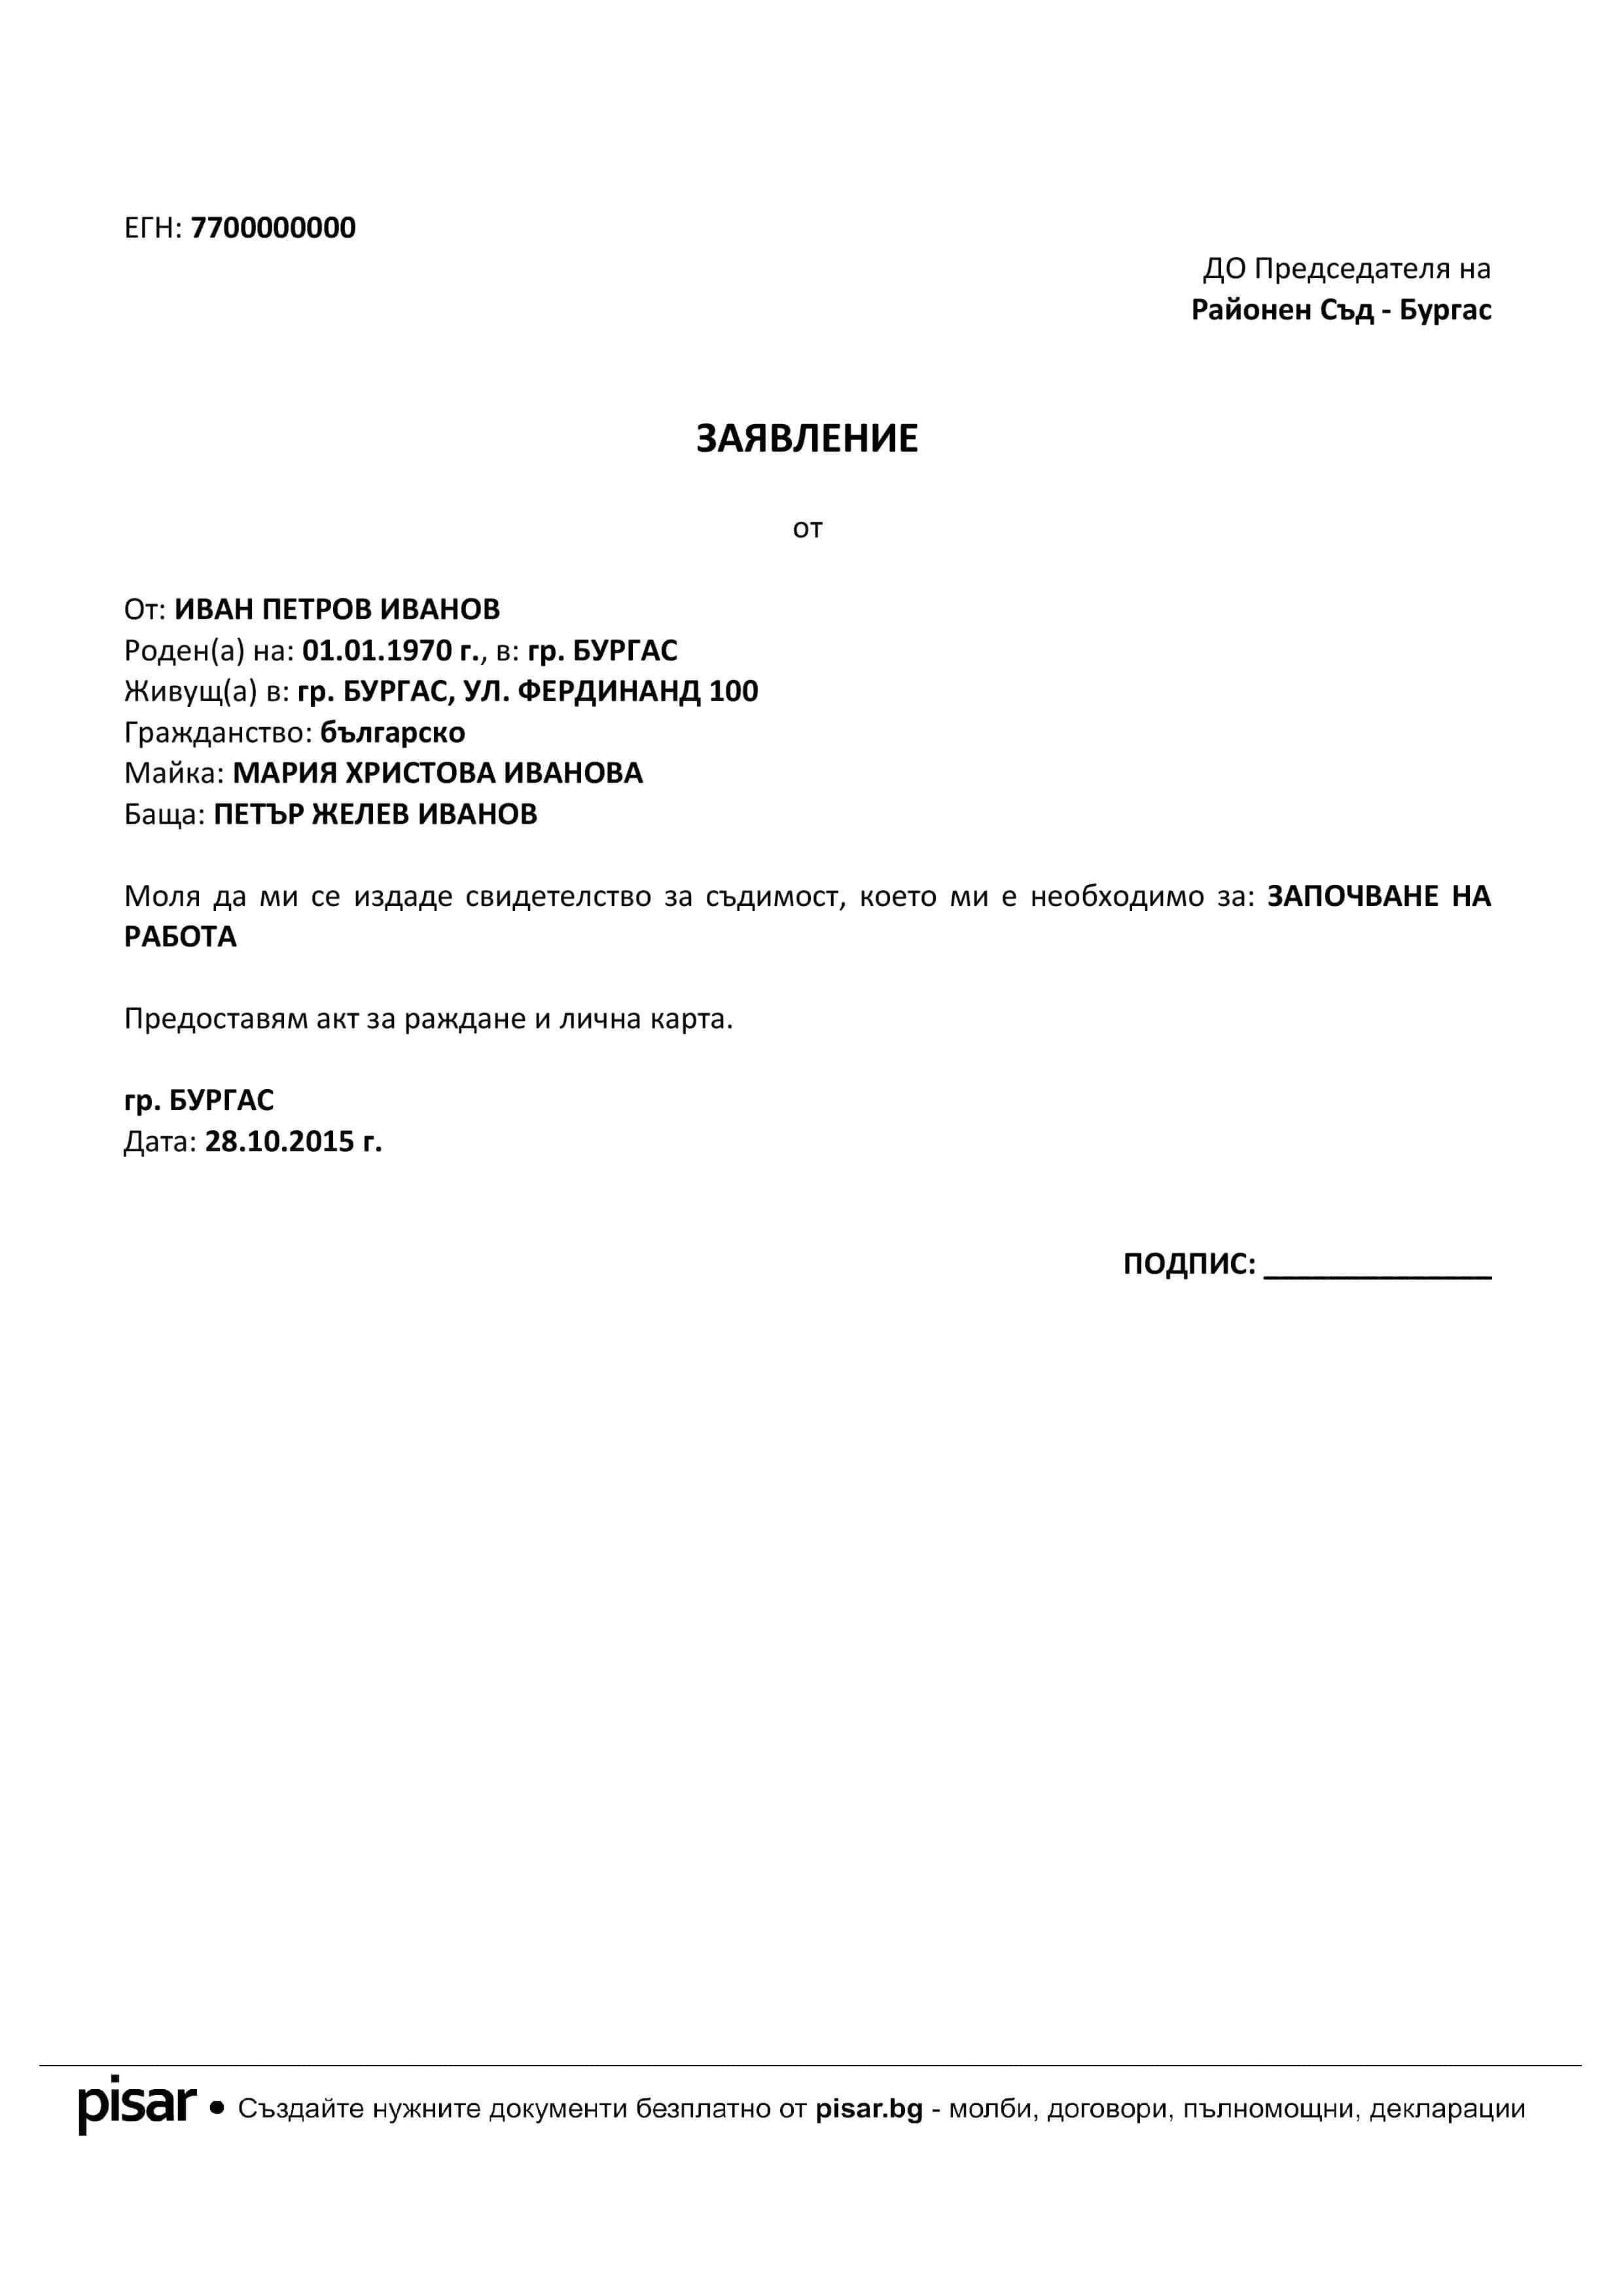 Примерен документ Заявление за свидетелство за съдимост